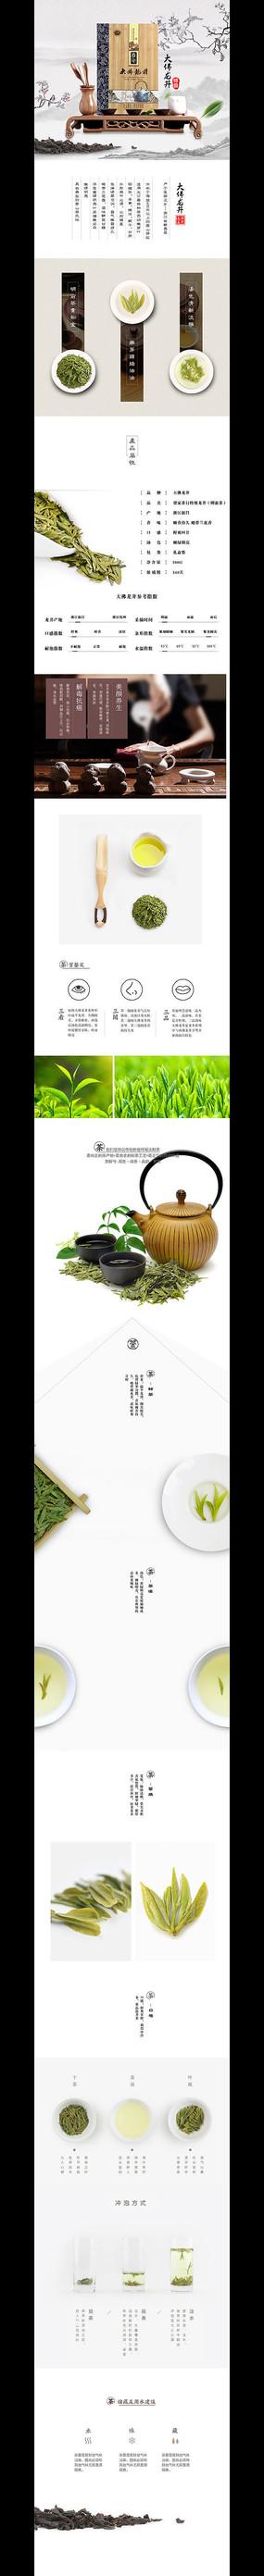 淘宝天猫大佛龙井茶详情页